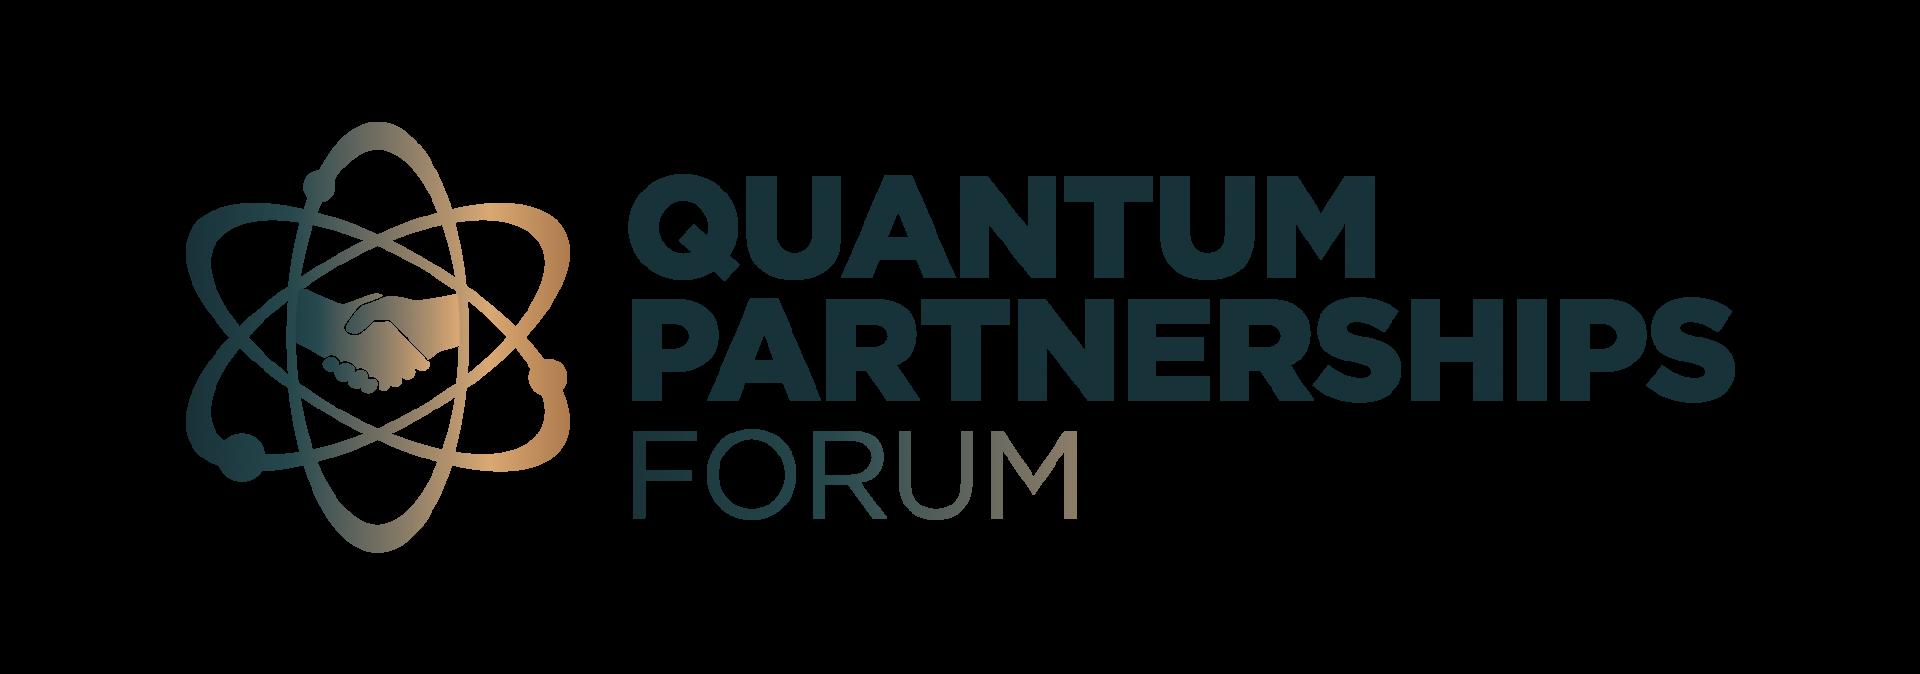 Quantum Partnerships Forum 2022